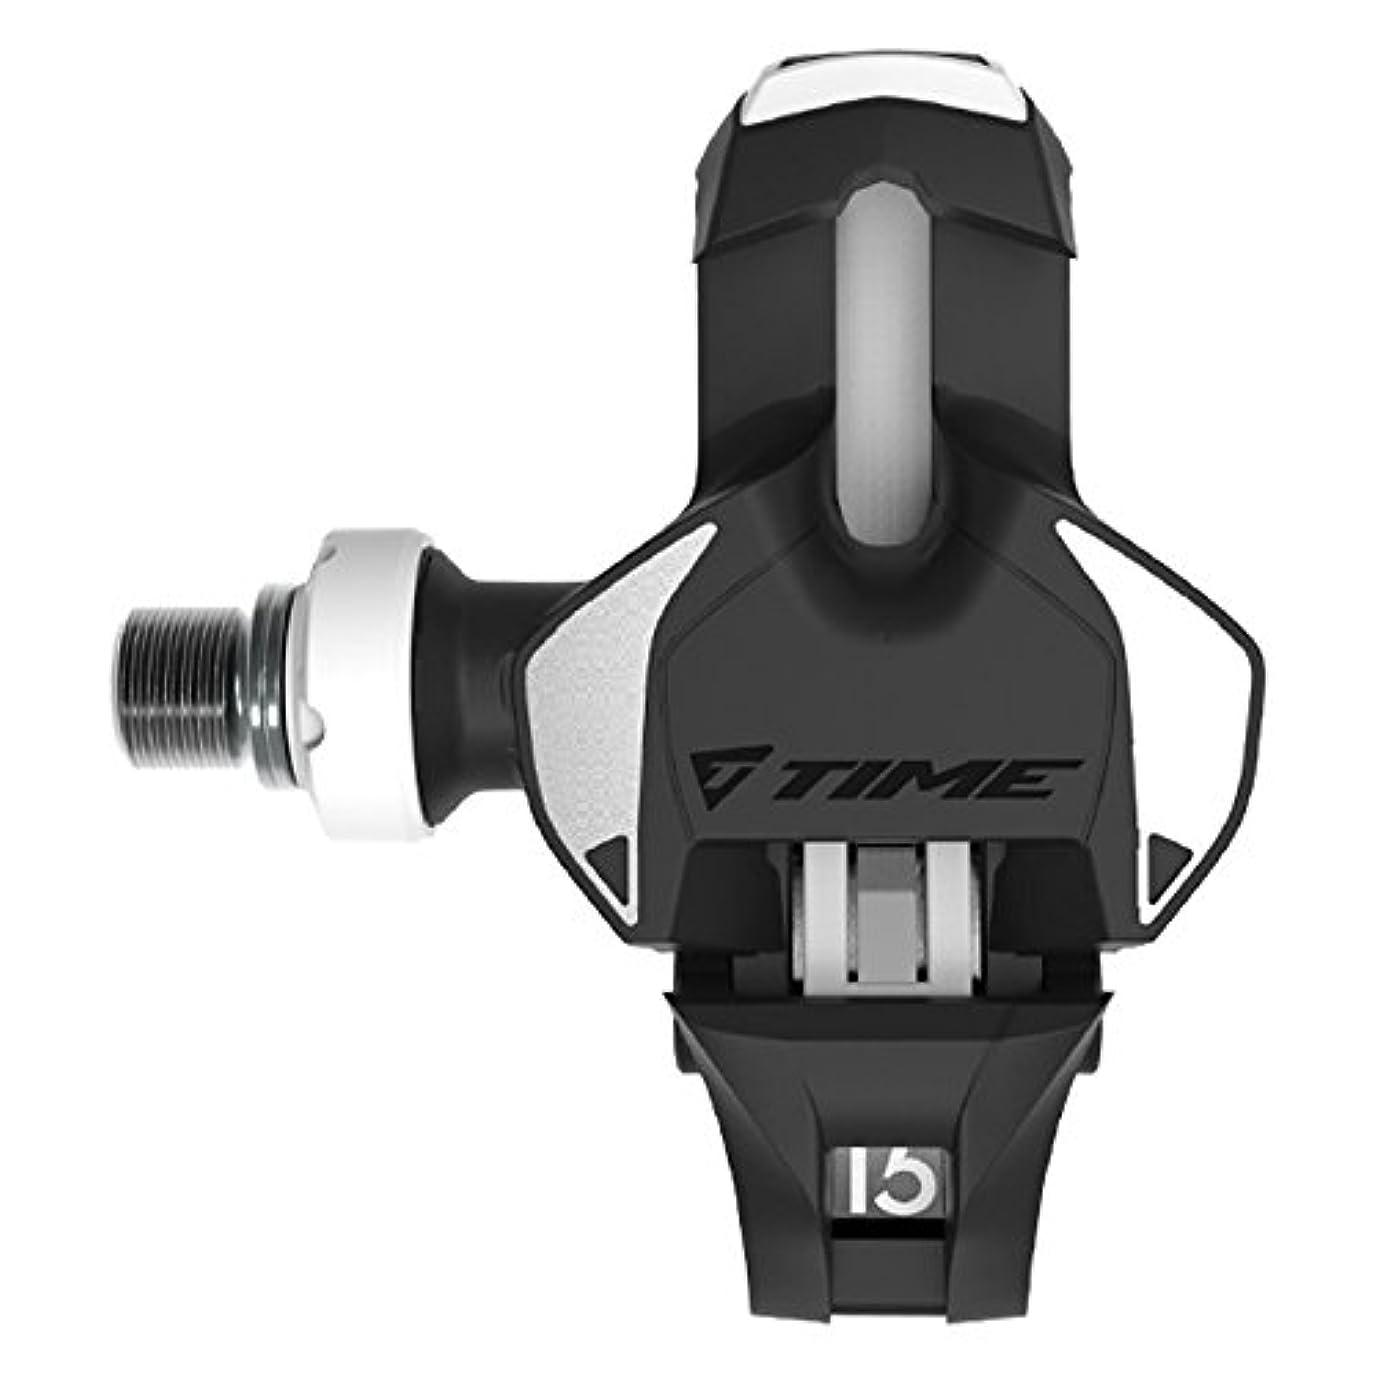 レキシコン暴露する中にTIME(タイム) ビンディング ペダル 自転車 ロードバイク 軽量 XPRO 15 Ceramic 重量:79g/片側 T2GR001